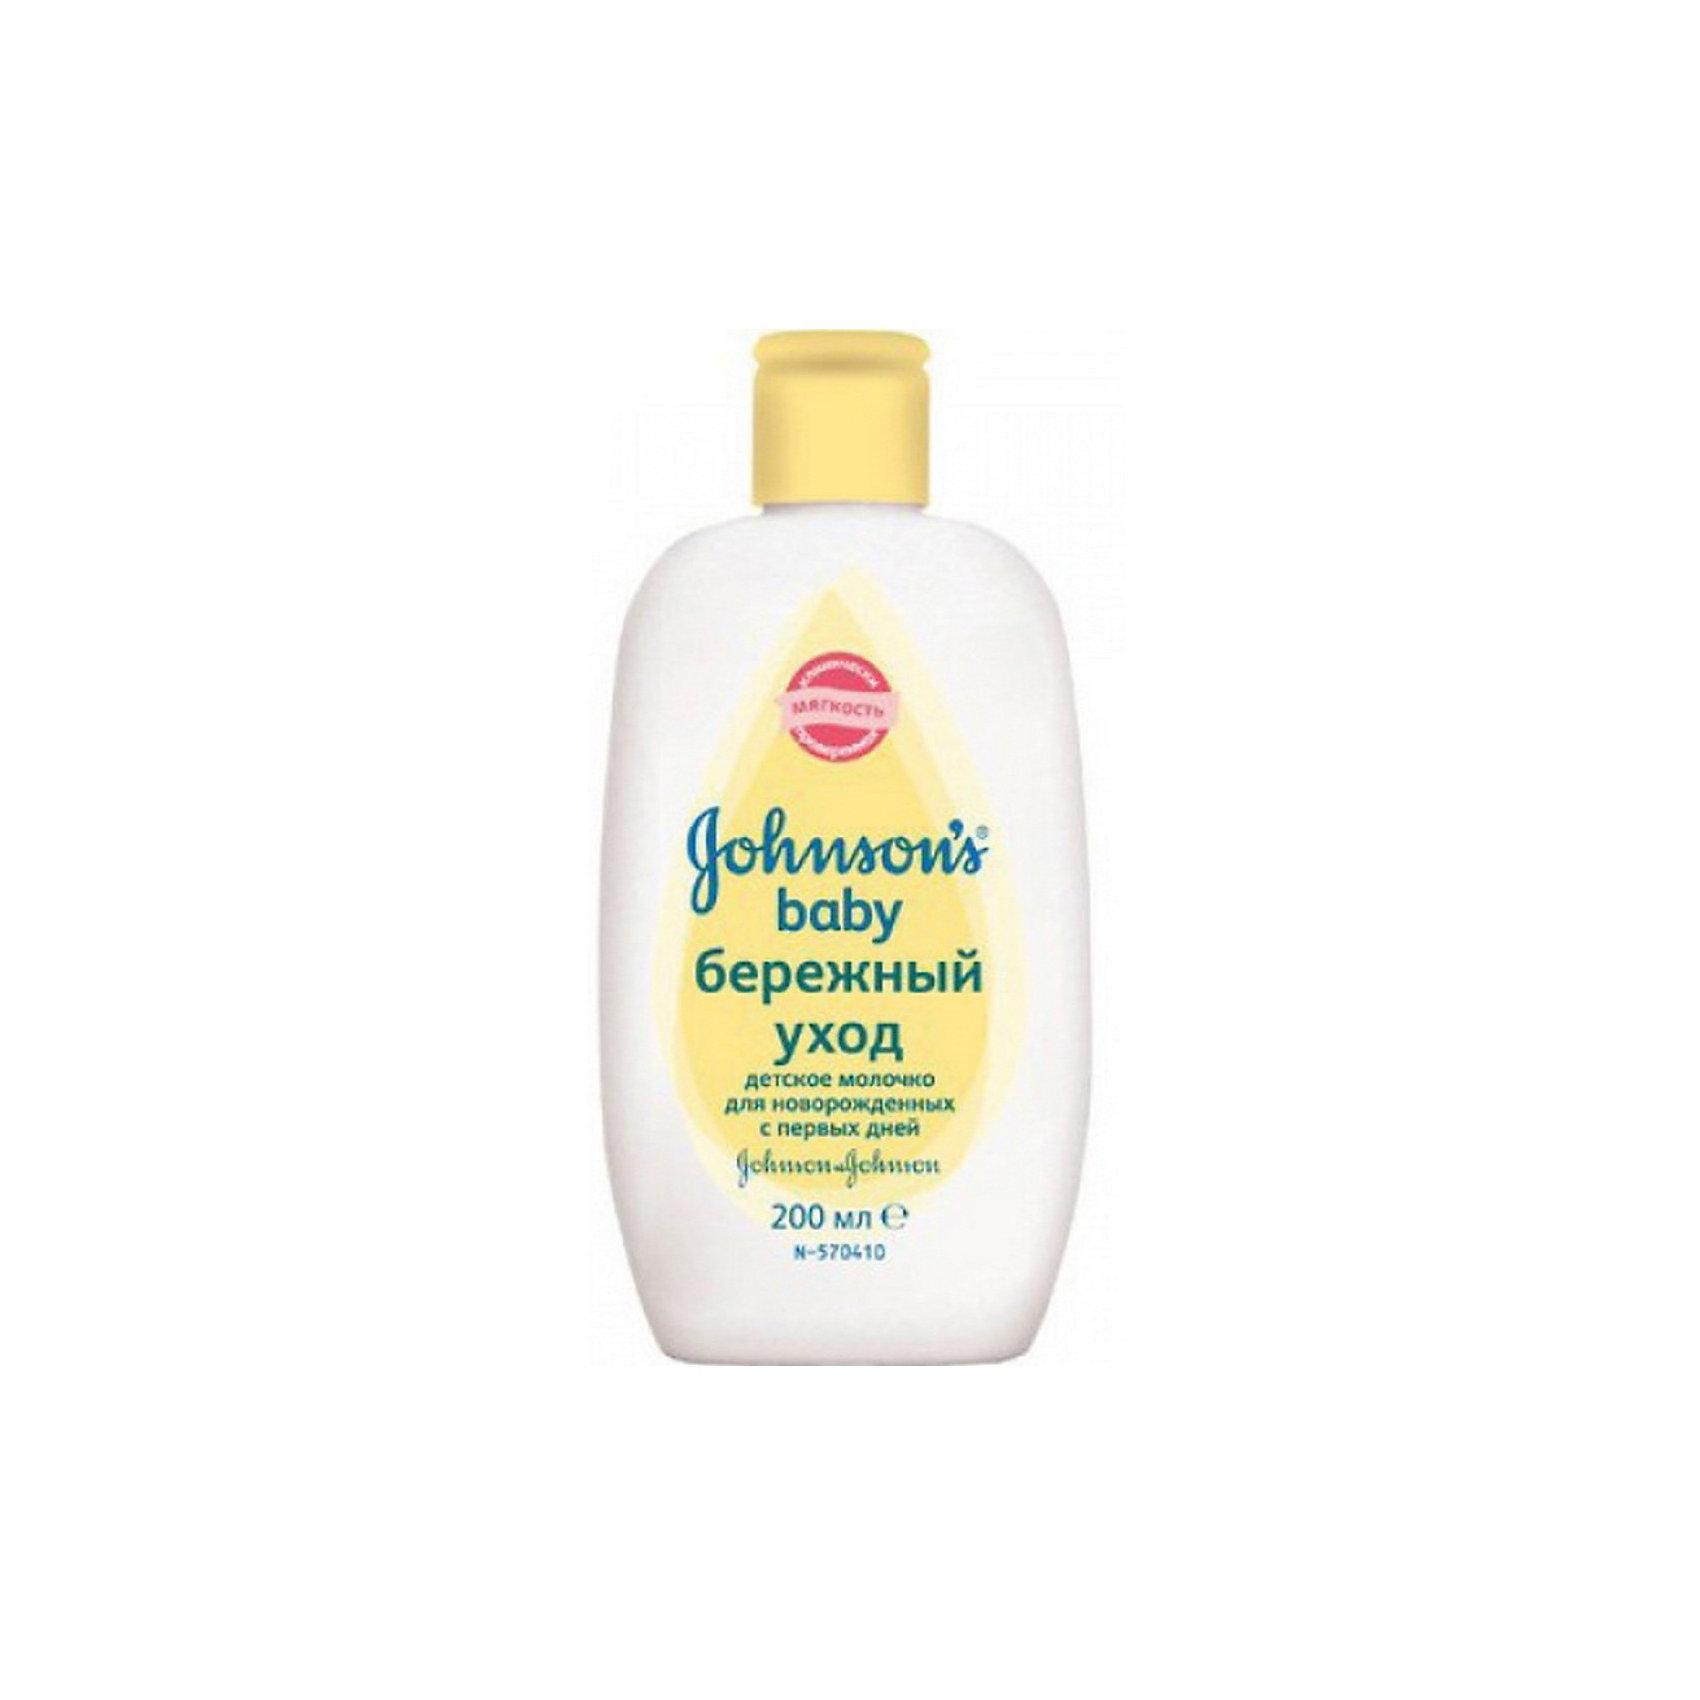 Молочко для новорожденных, Johnsons baby, 200 мл